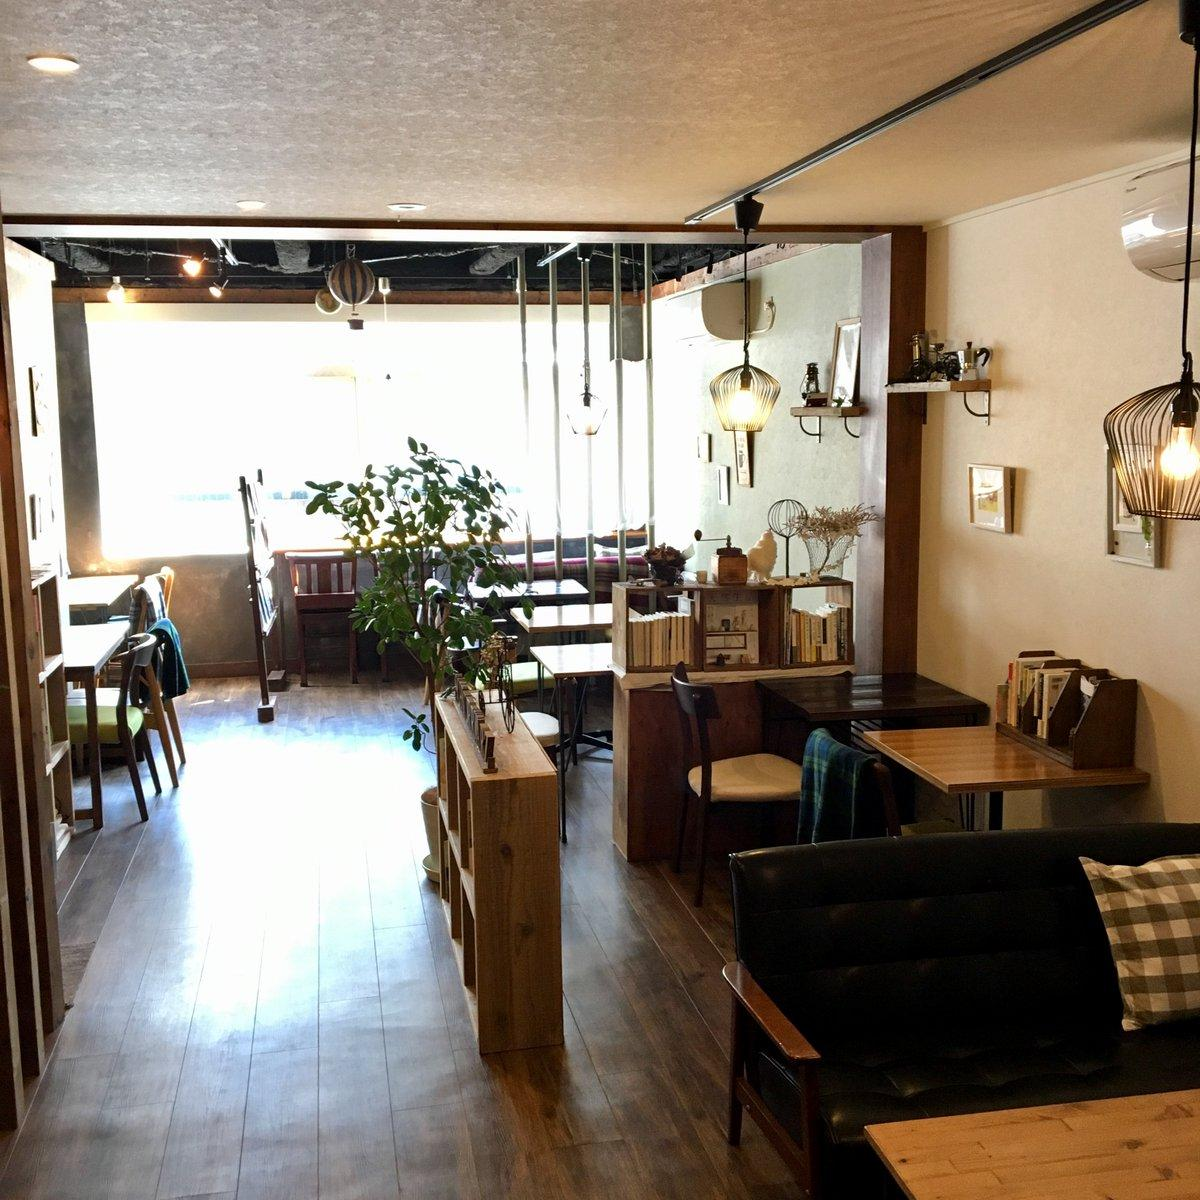 「三鷹武蔵野BOOK+マルシェ」が開催される「カフェシュヌルバルツ」店内の様子